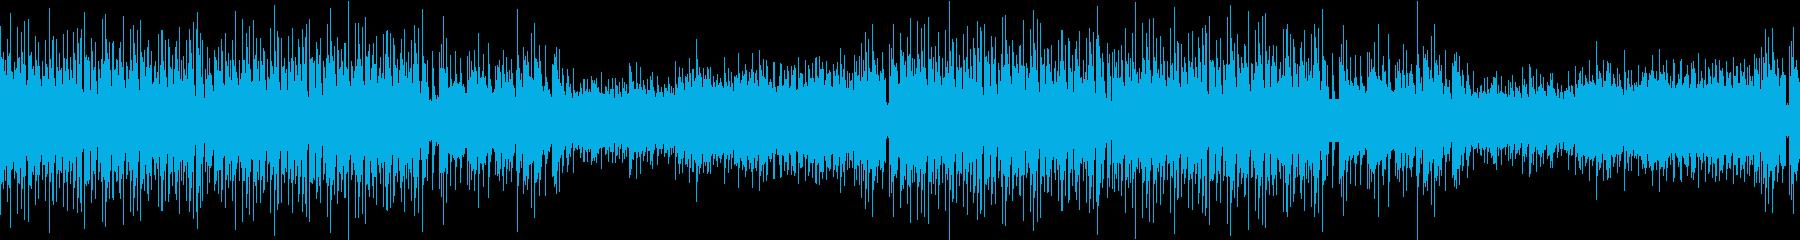 三味線・琴・尺八・爽やか幻想的和風EDMの再生済みの波形